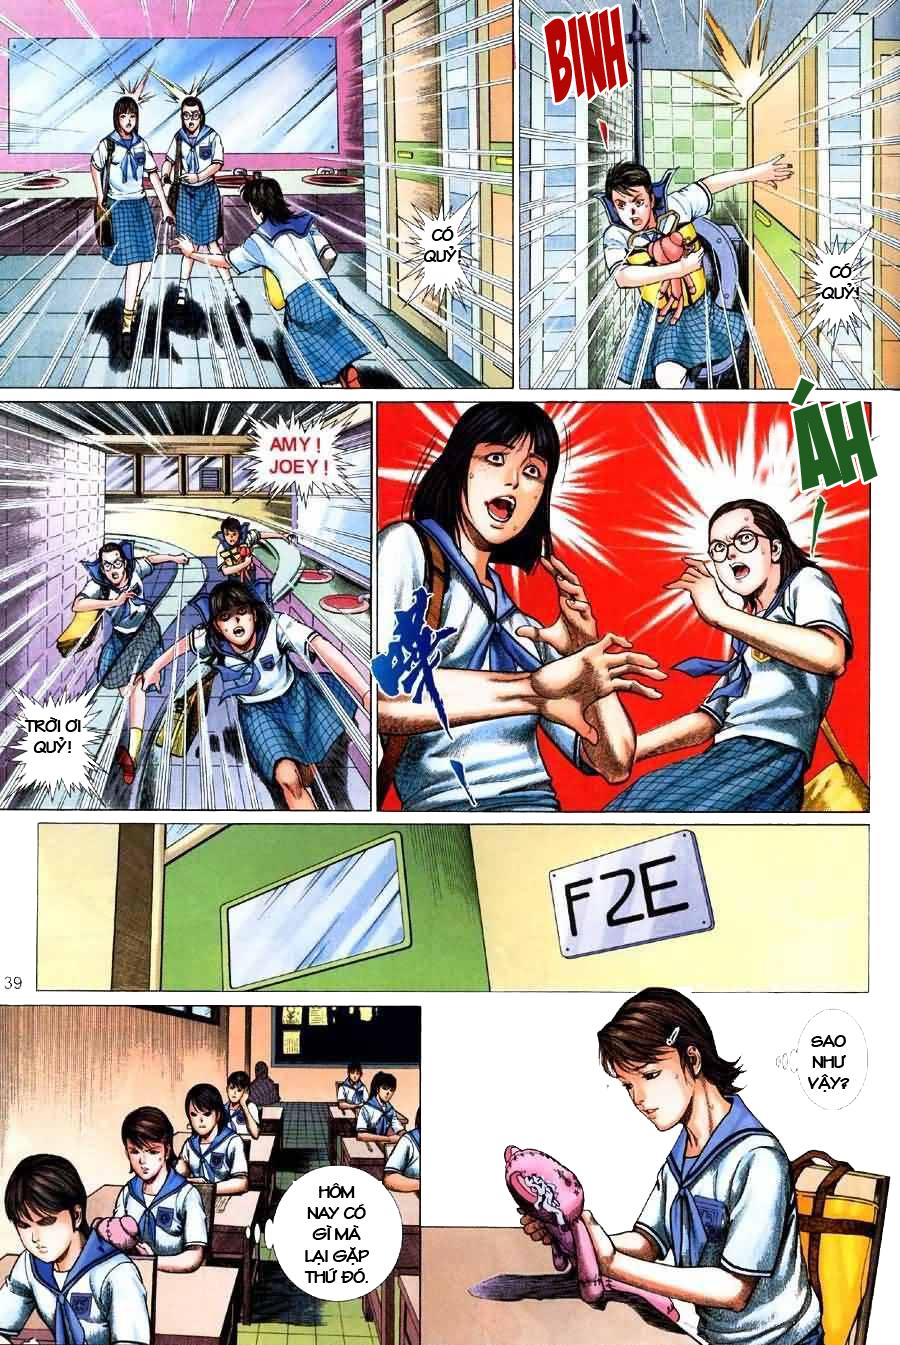 Quỷ Mộ chap 001 trang 39